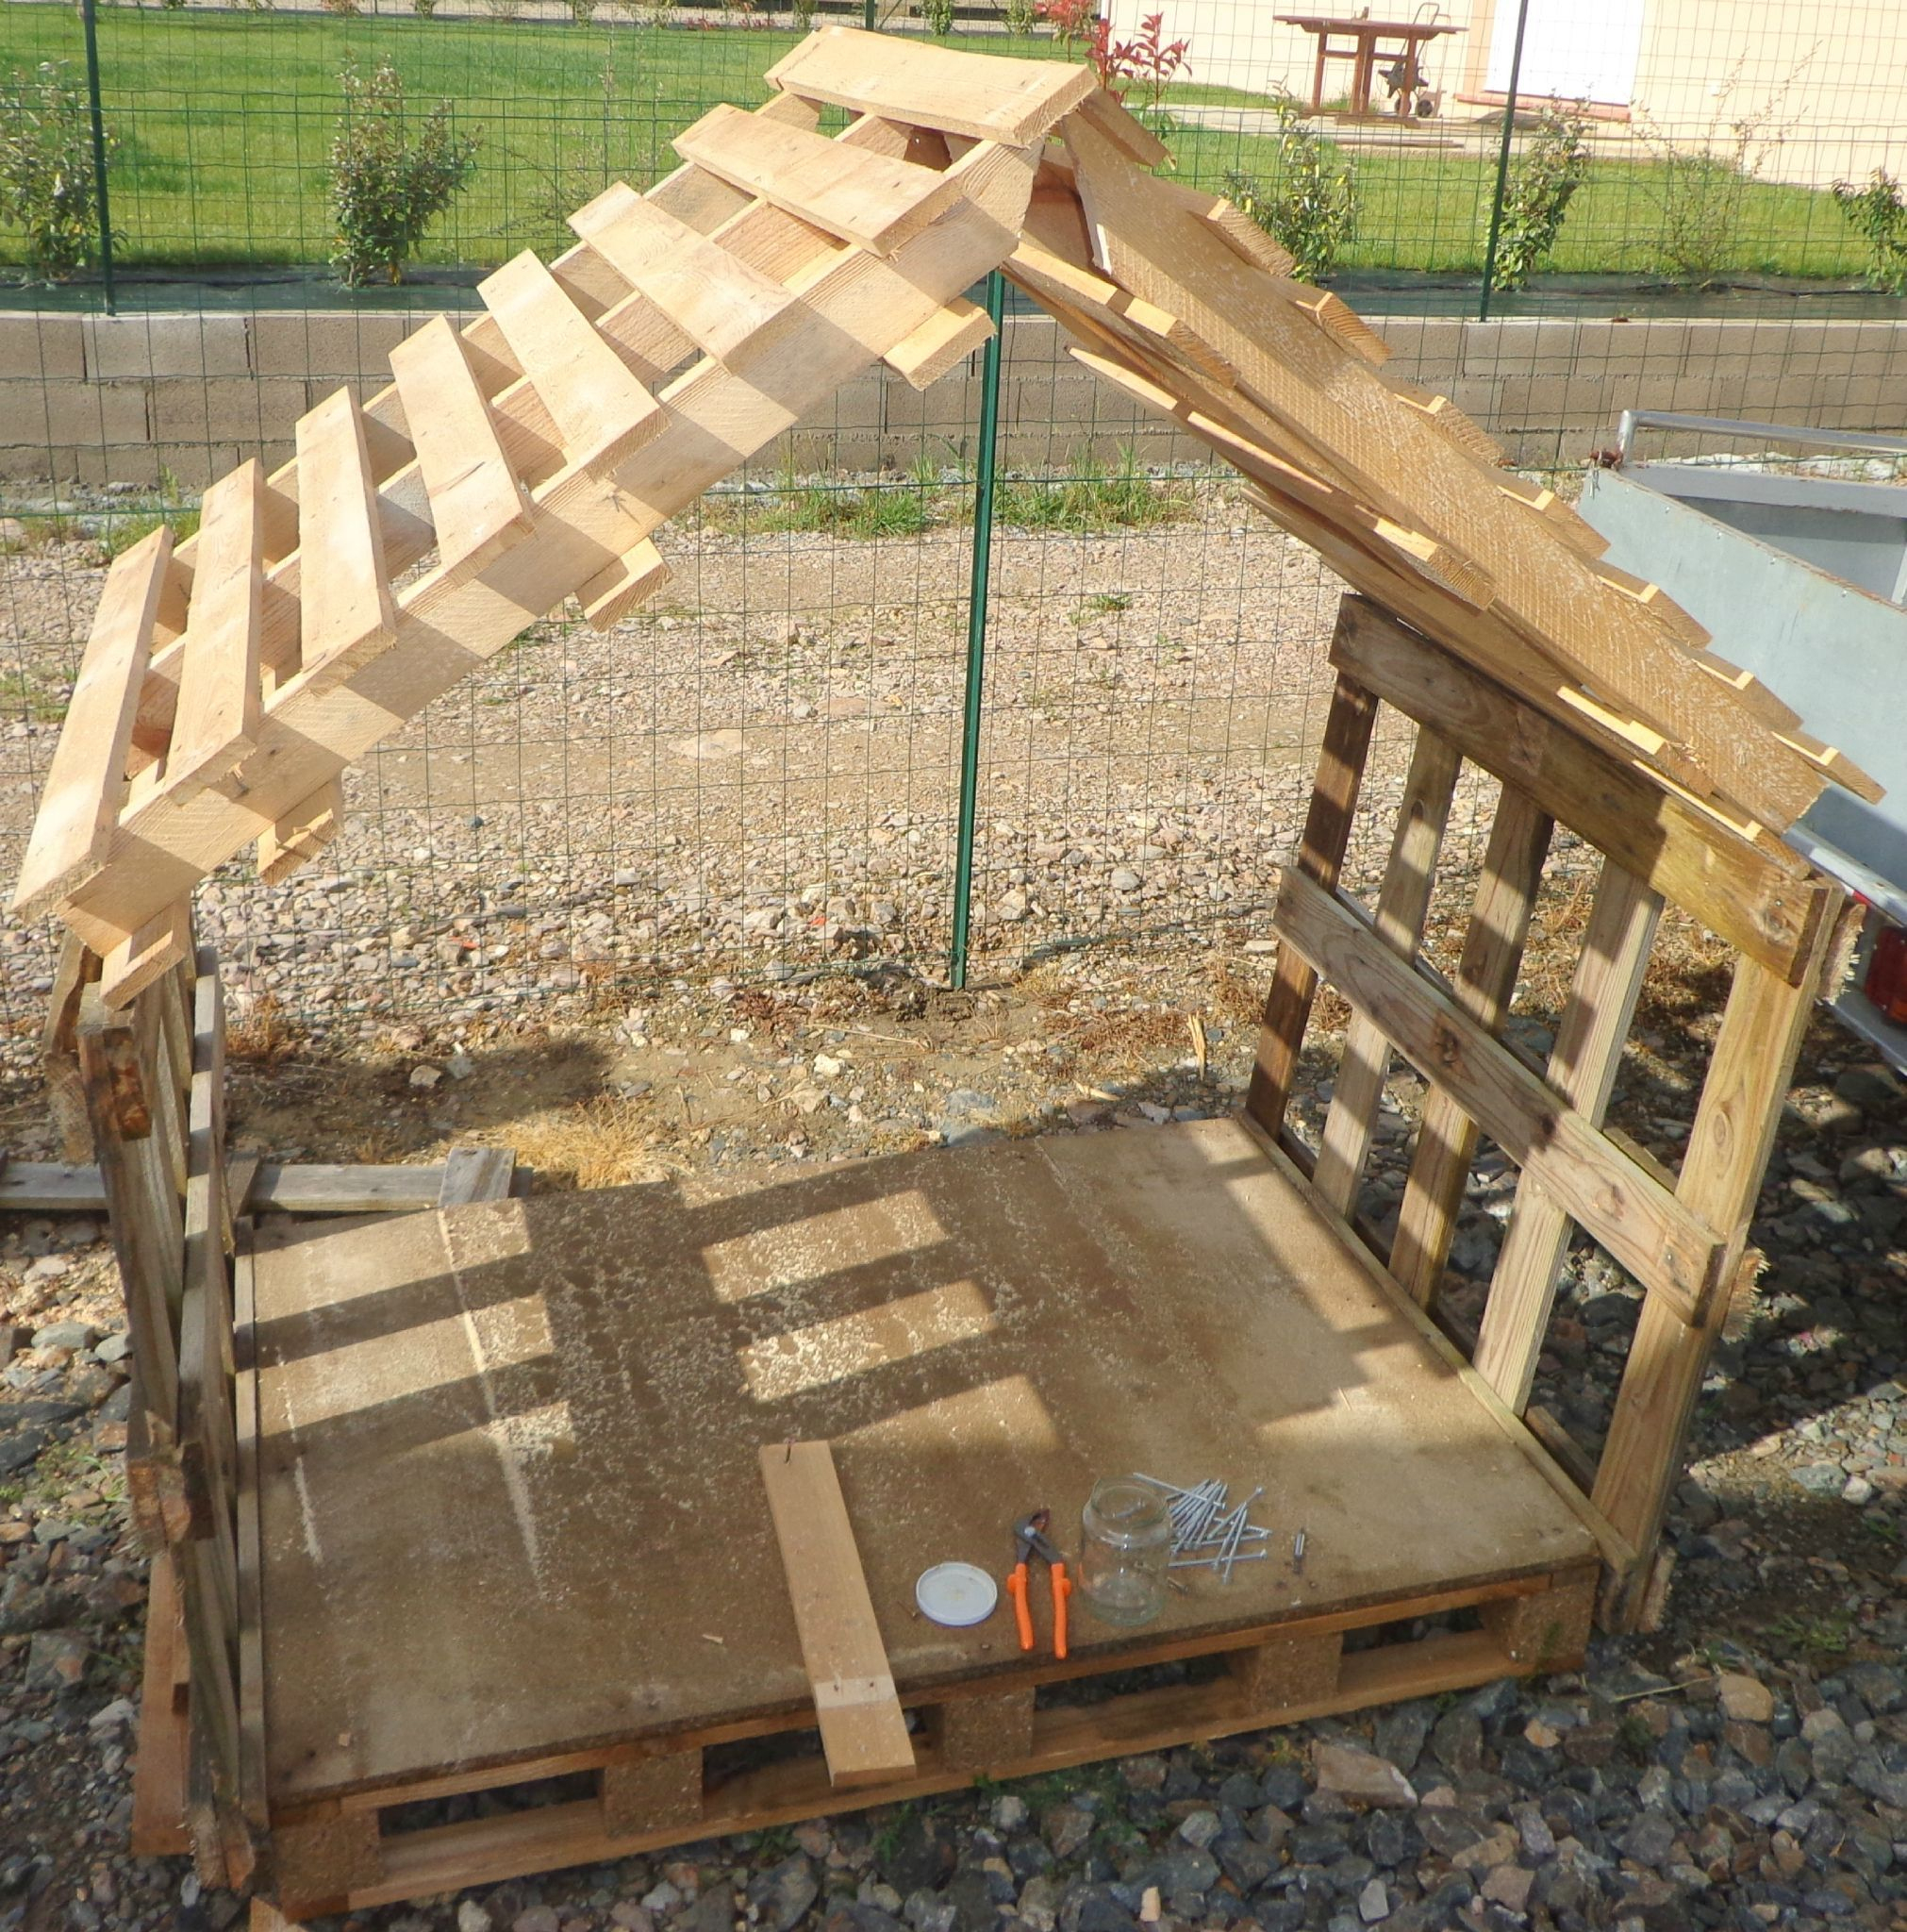 Construire Un Abri De Jardin En Bois Pas Cher, Comment Faire ... dedans Construire Sa Cabane De Jardin